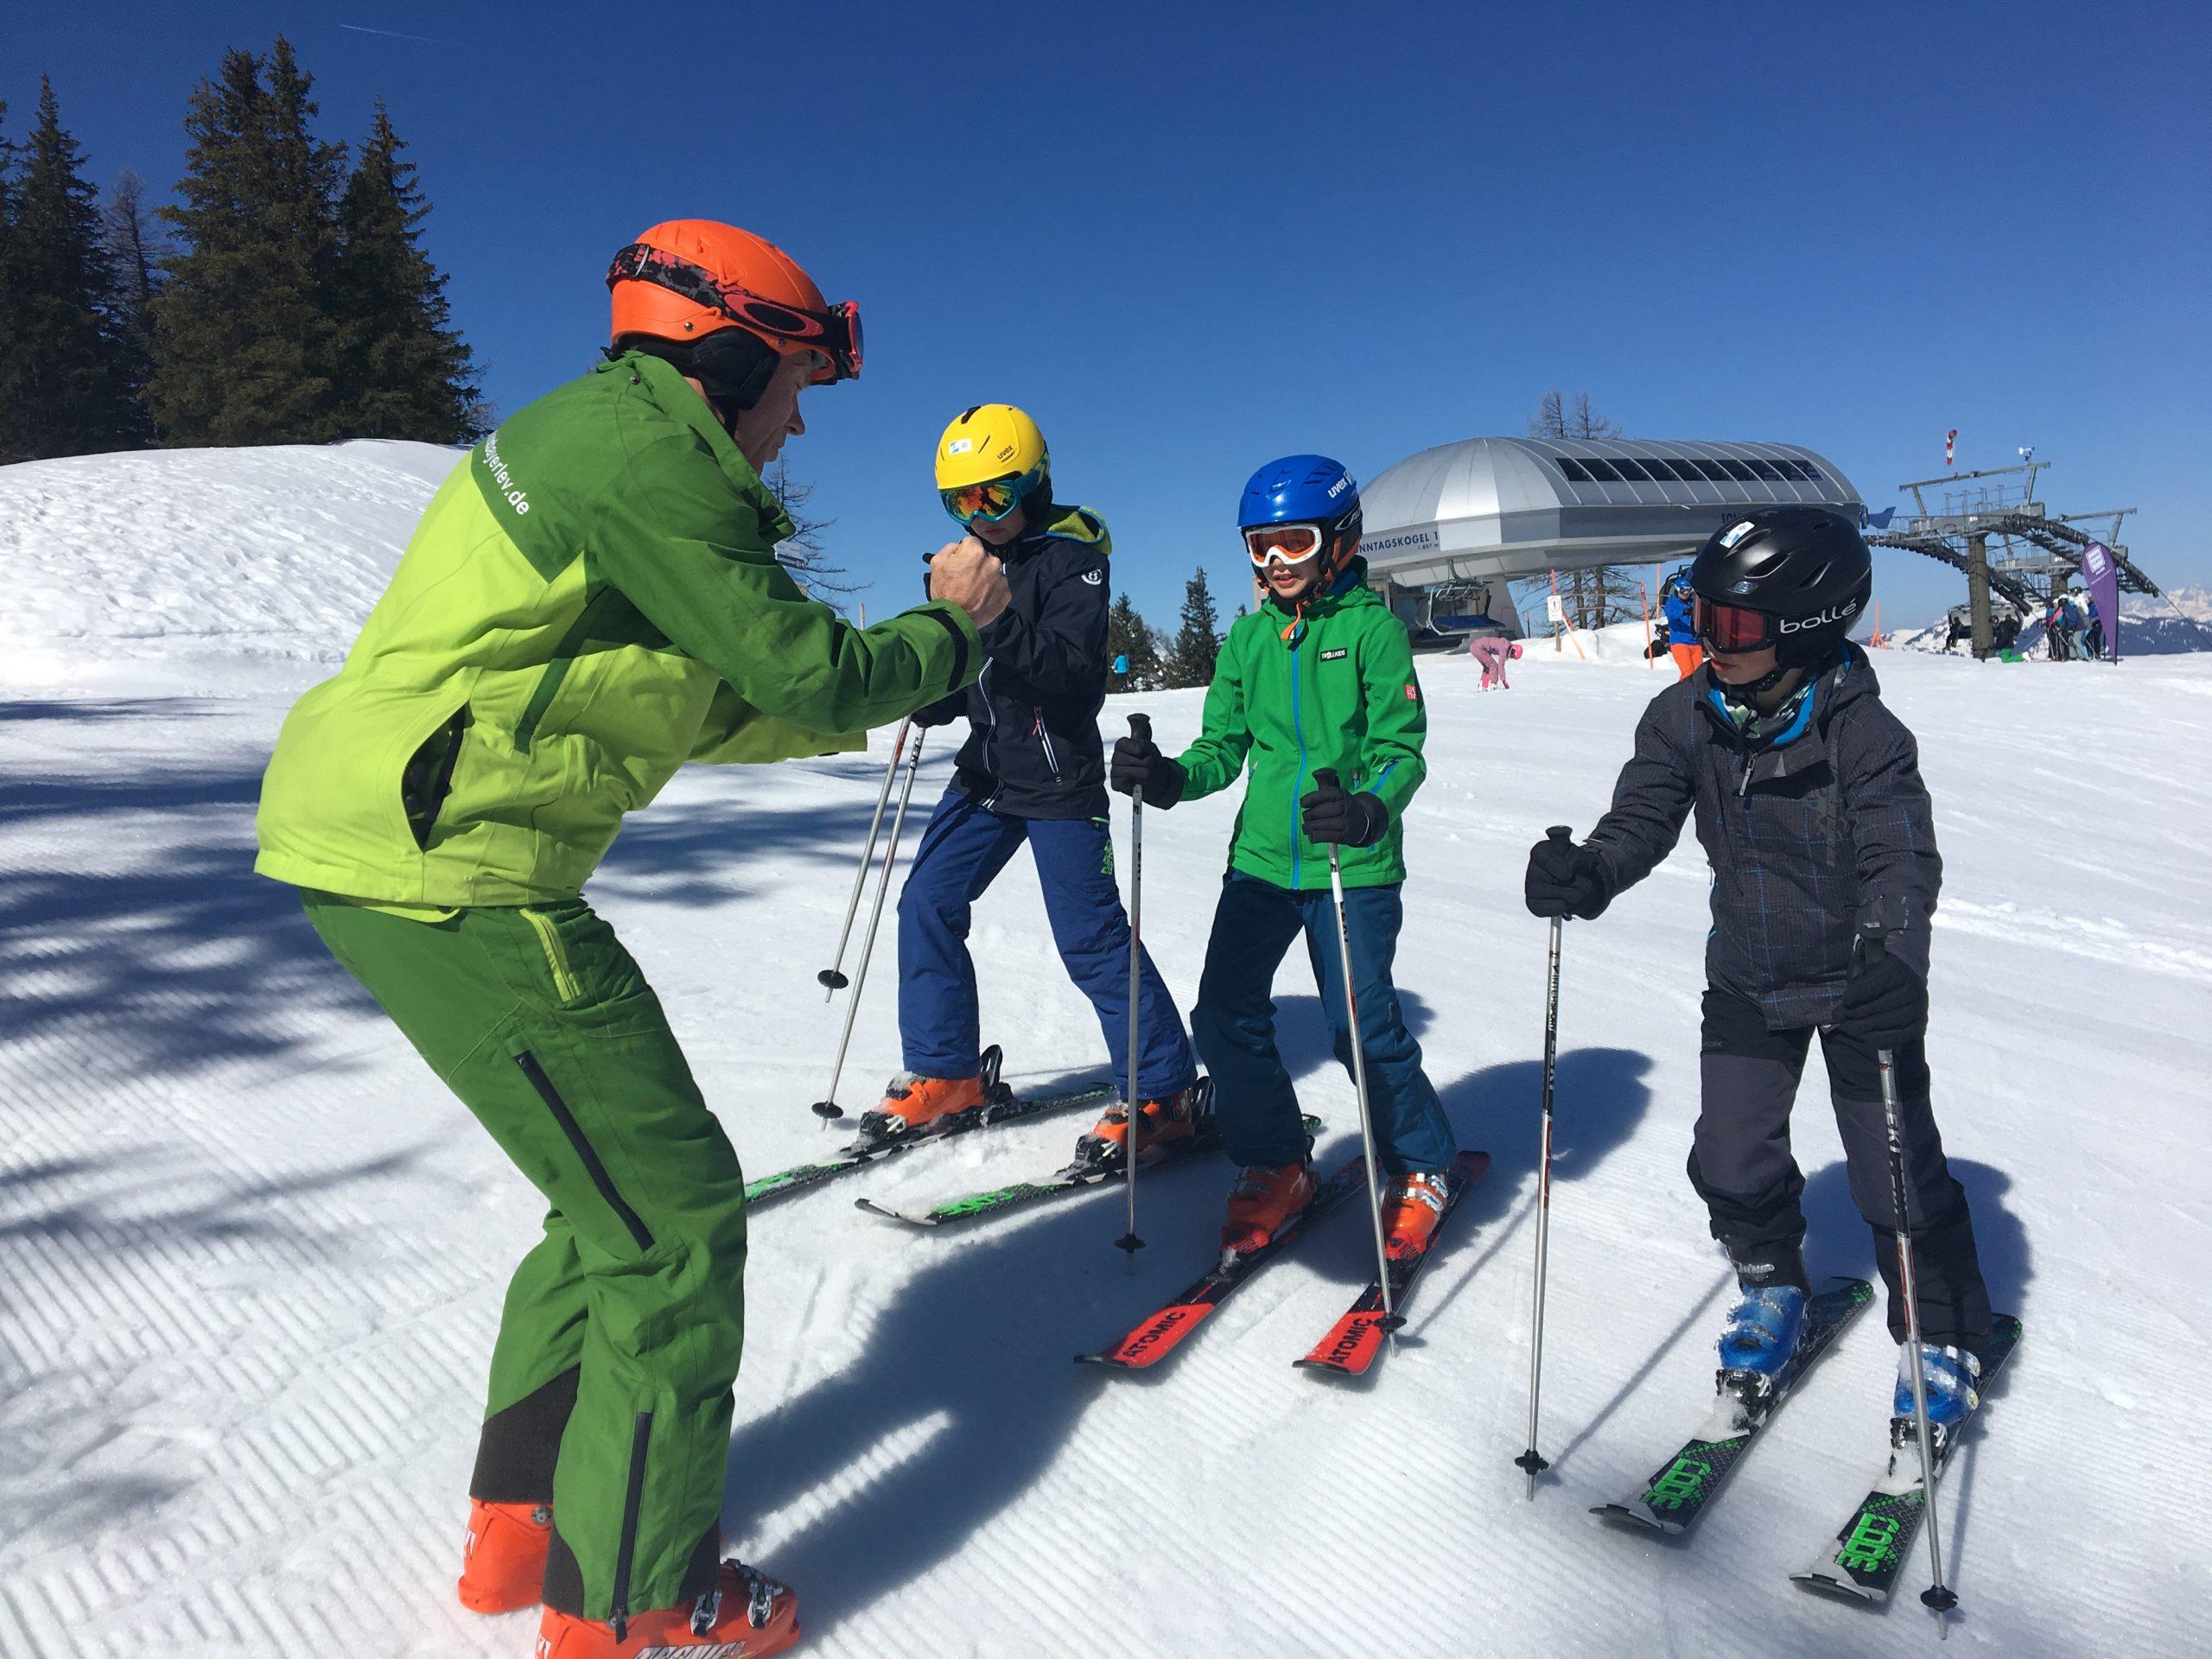 Ostern 2021: Saalbach-Hinterglemm Familien - Ski-Club ...